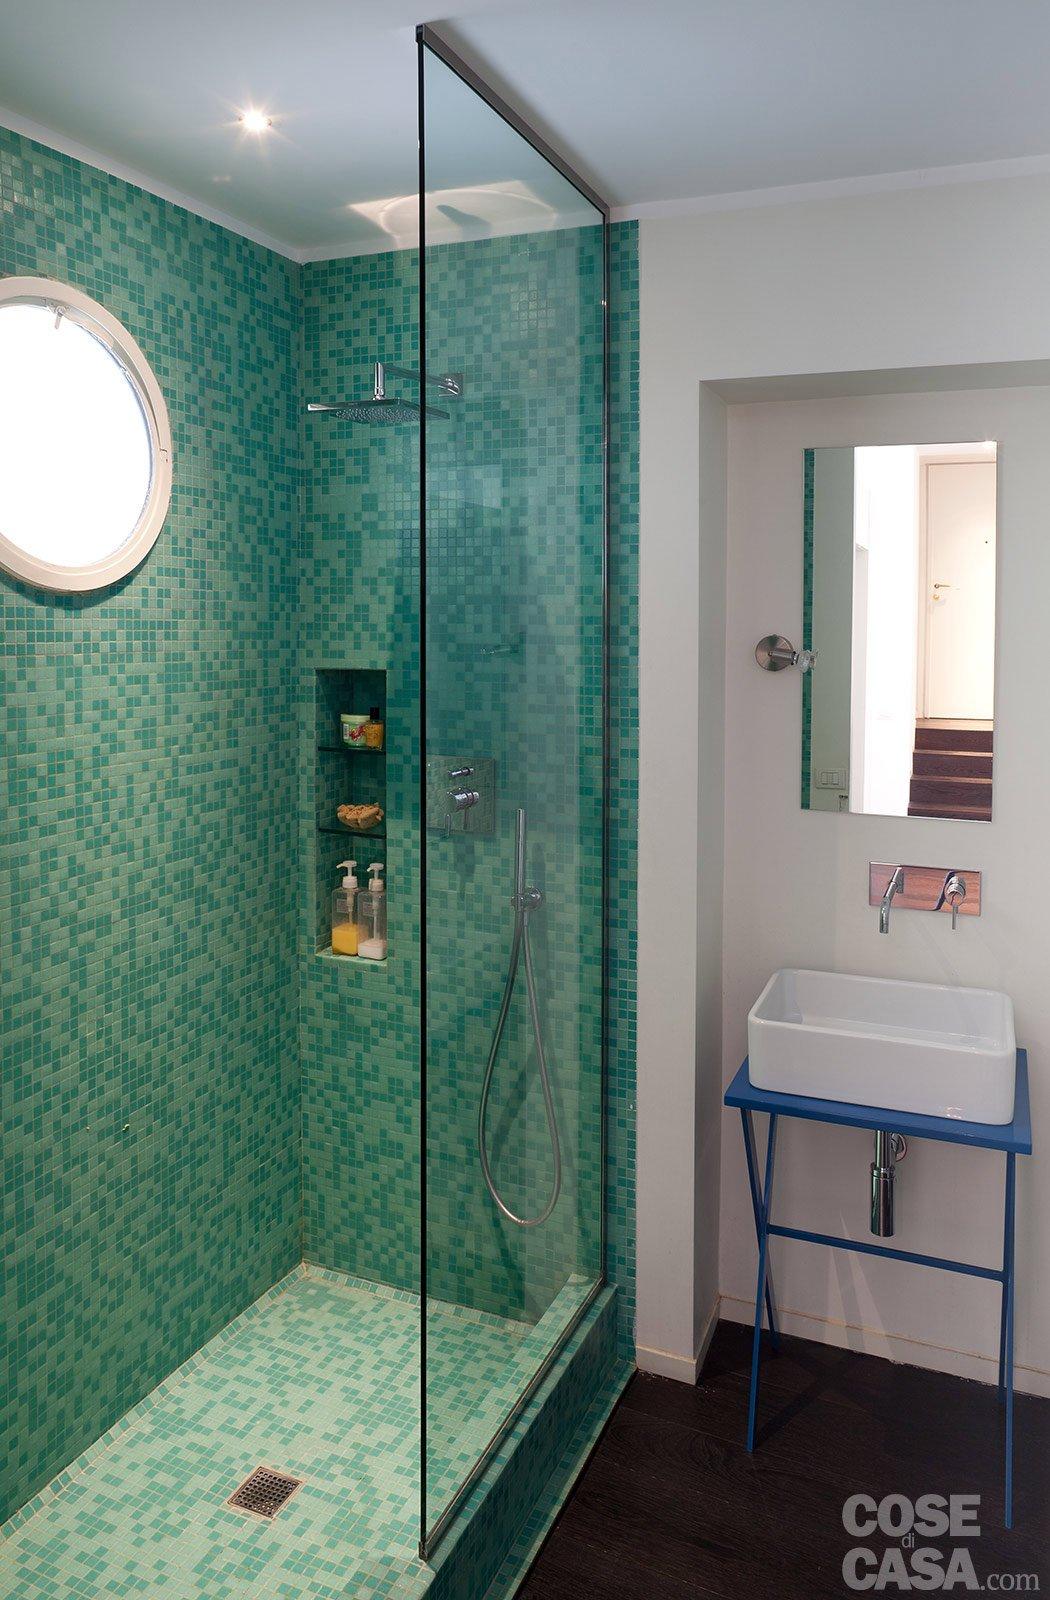 70 mq la casa migliora cos cose di casa - Finestra interna per bagno cieco ...